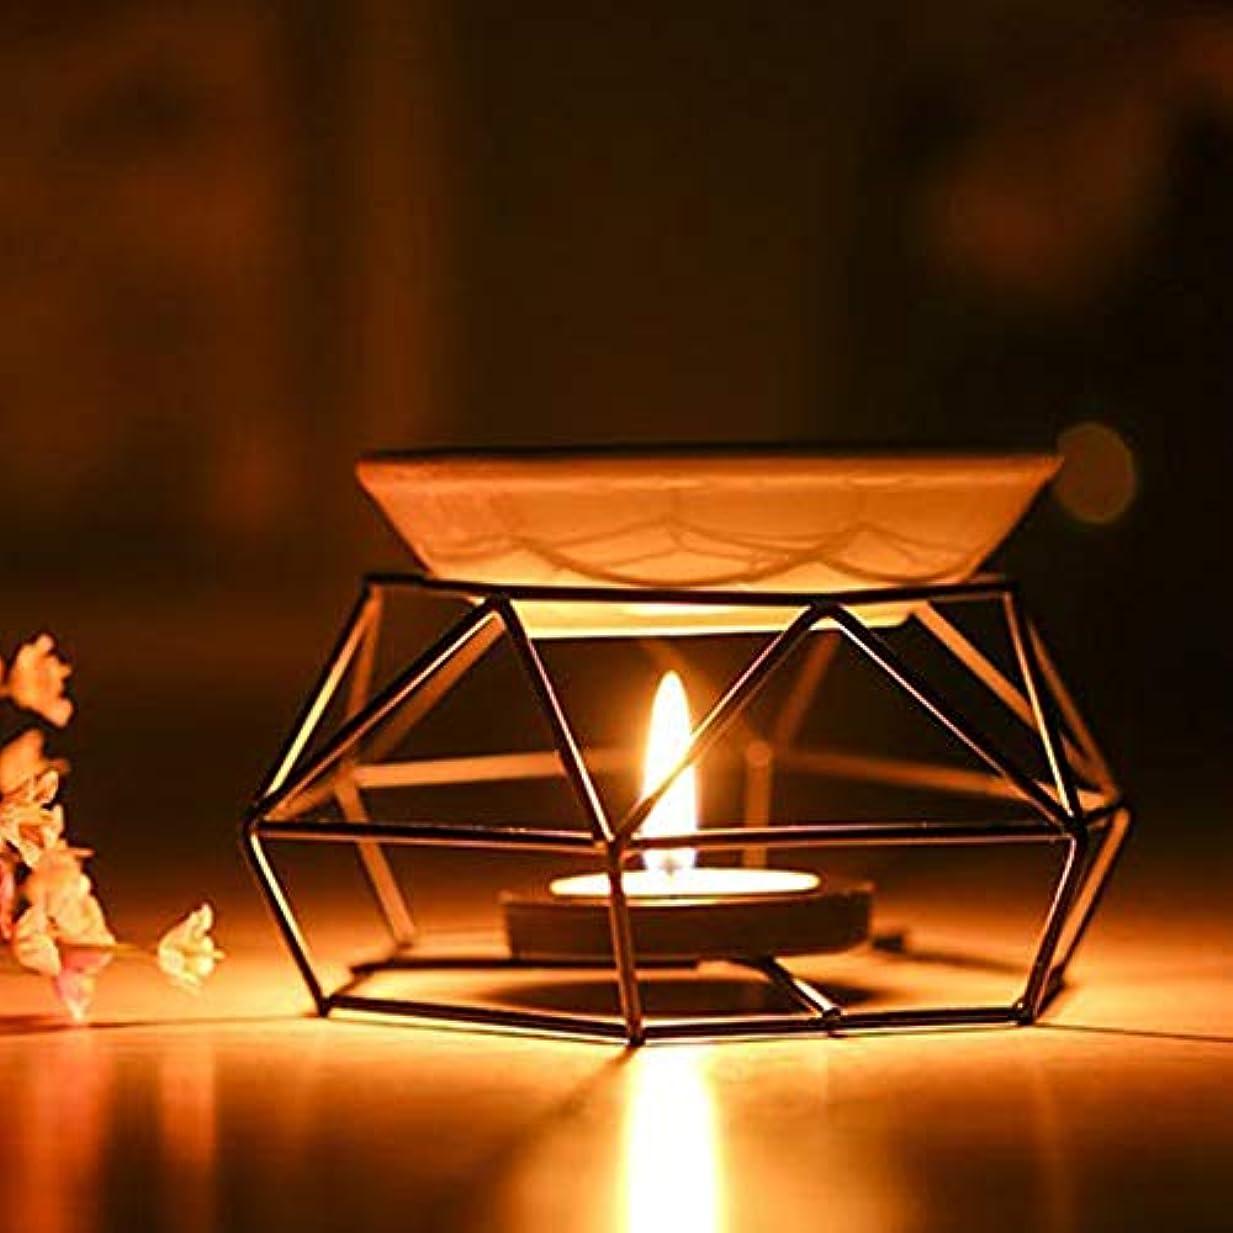 現実的繁栄アロマディフューザーアロマセラピーアイロンホームデコレーションヨガキャンドル屋内工芸品オイルバーナーブラックギフトスパ